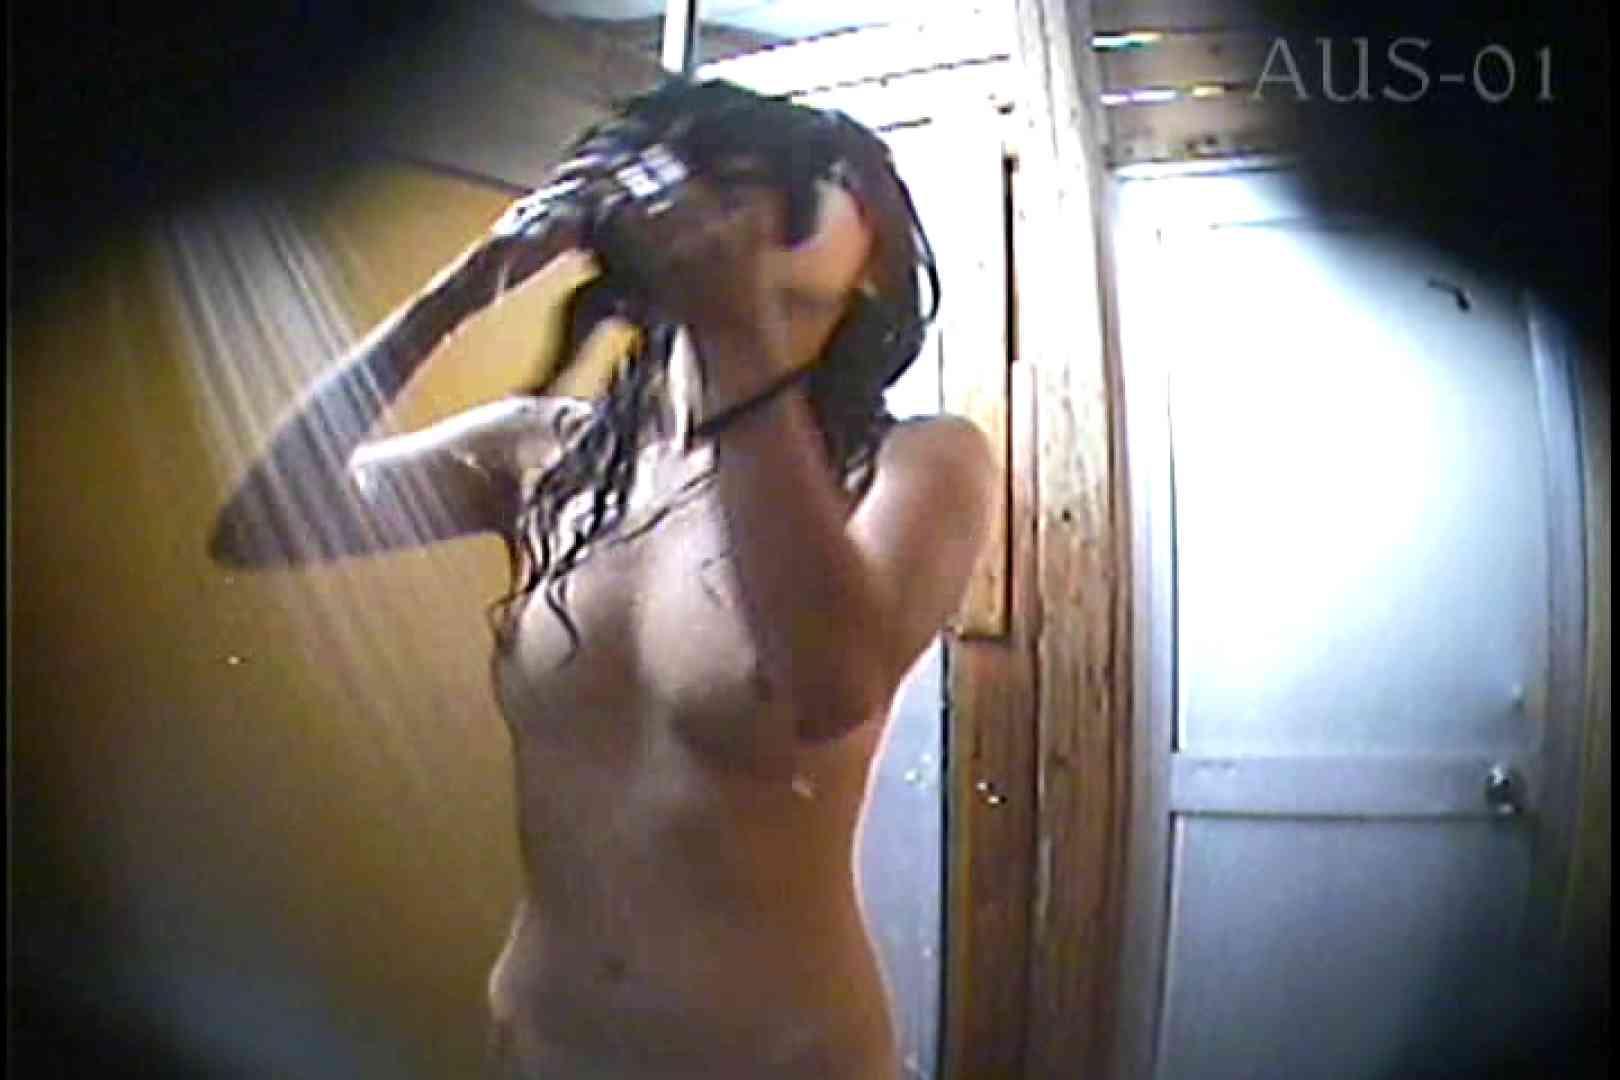 露天風呂脱衣所お着替え盗撮 Vol.01 脱衣所  84PIX 2